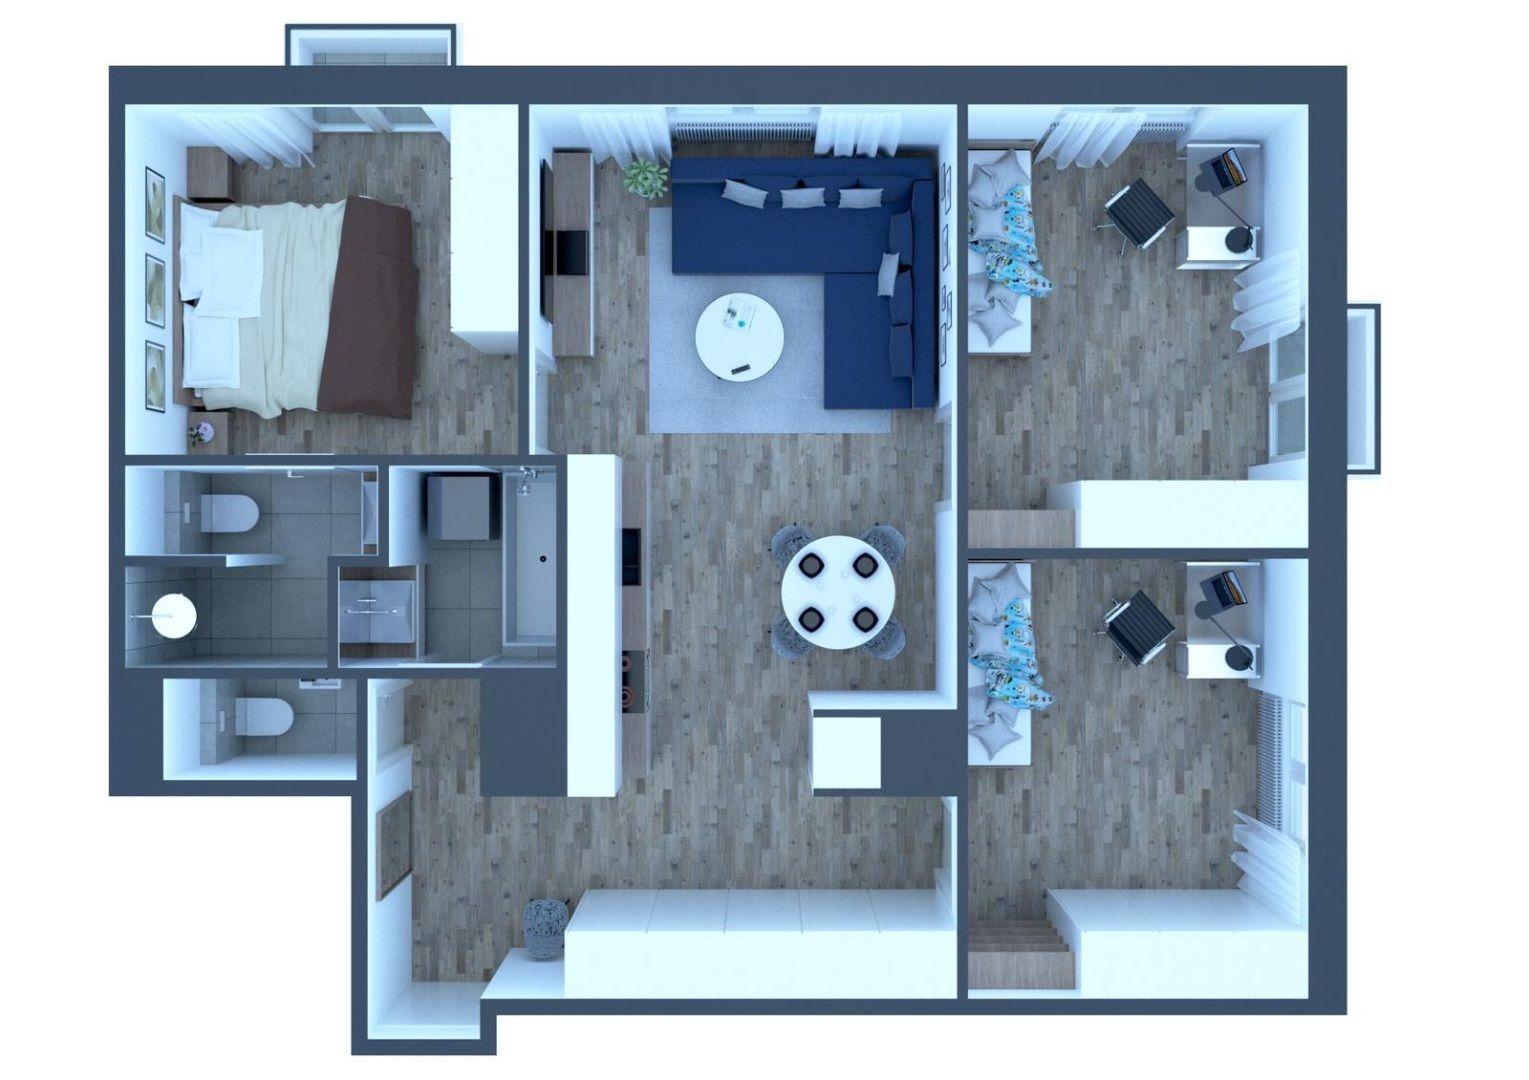 4-izbový byt-Predaj-Bratislava - mestská časť Staré Mesto-299990.00 €